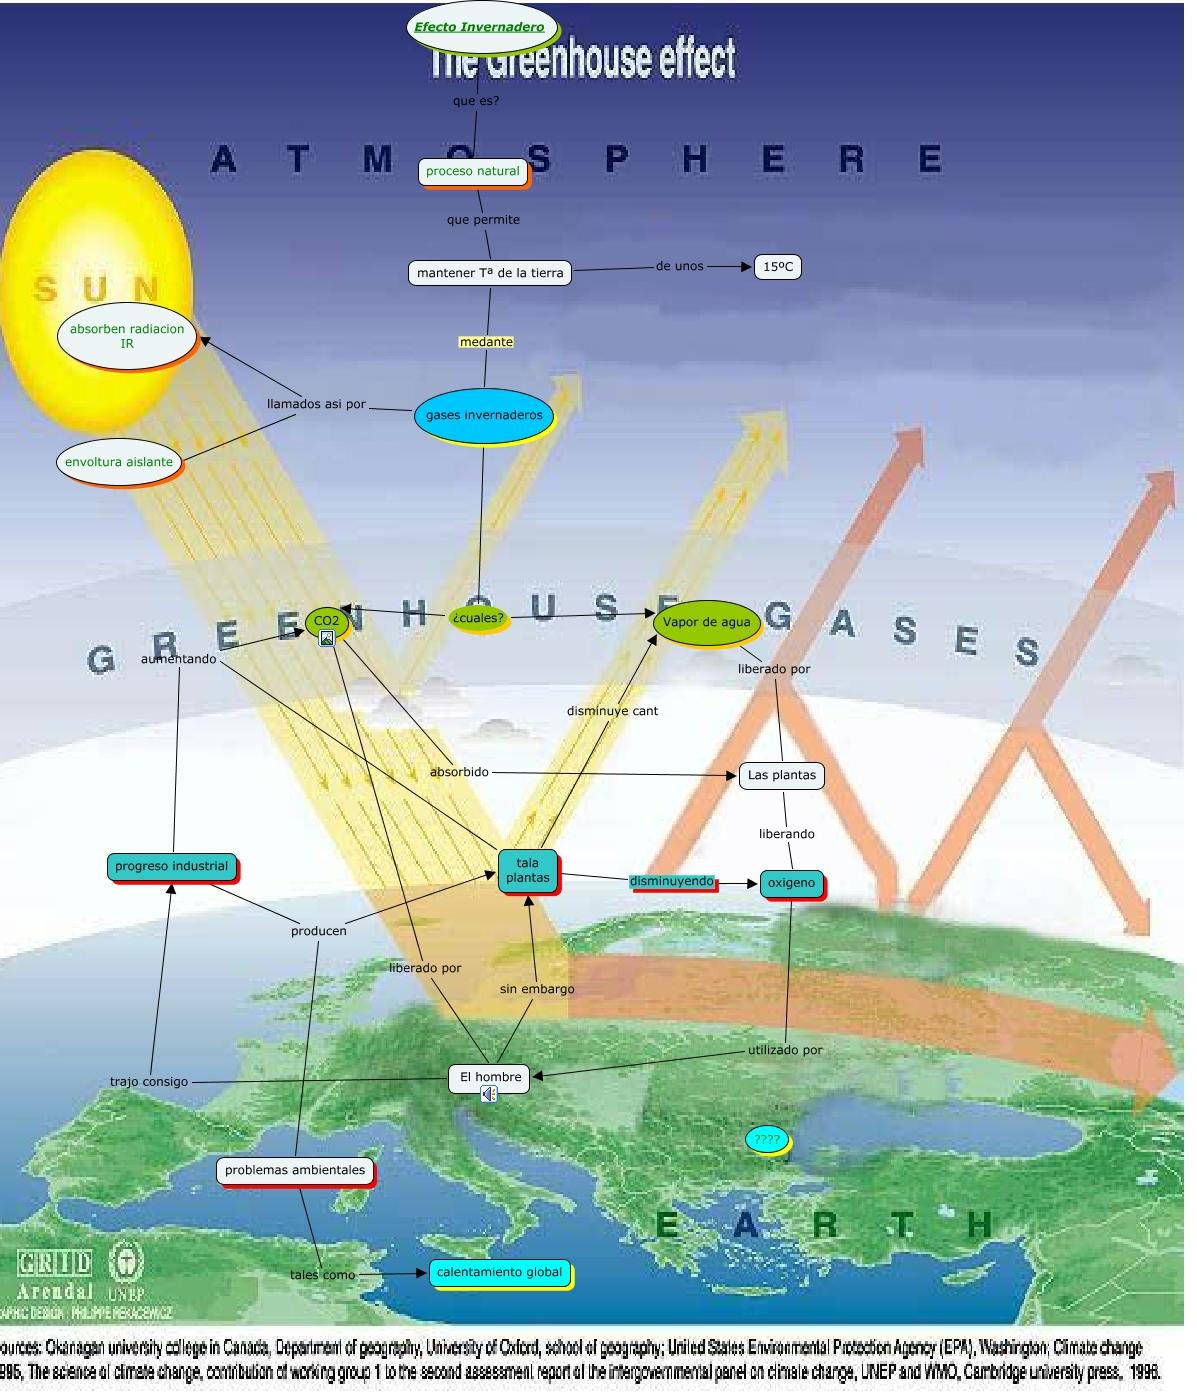 Efecto Invernadero Wikipedia qu es el Efecto Invernadero